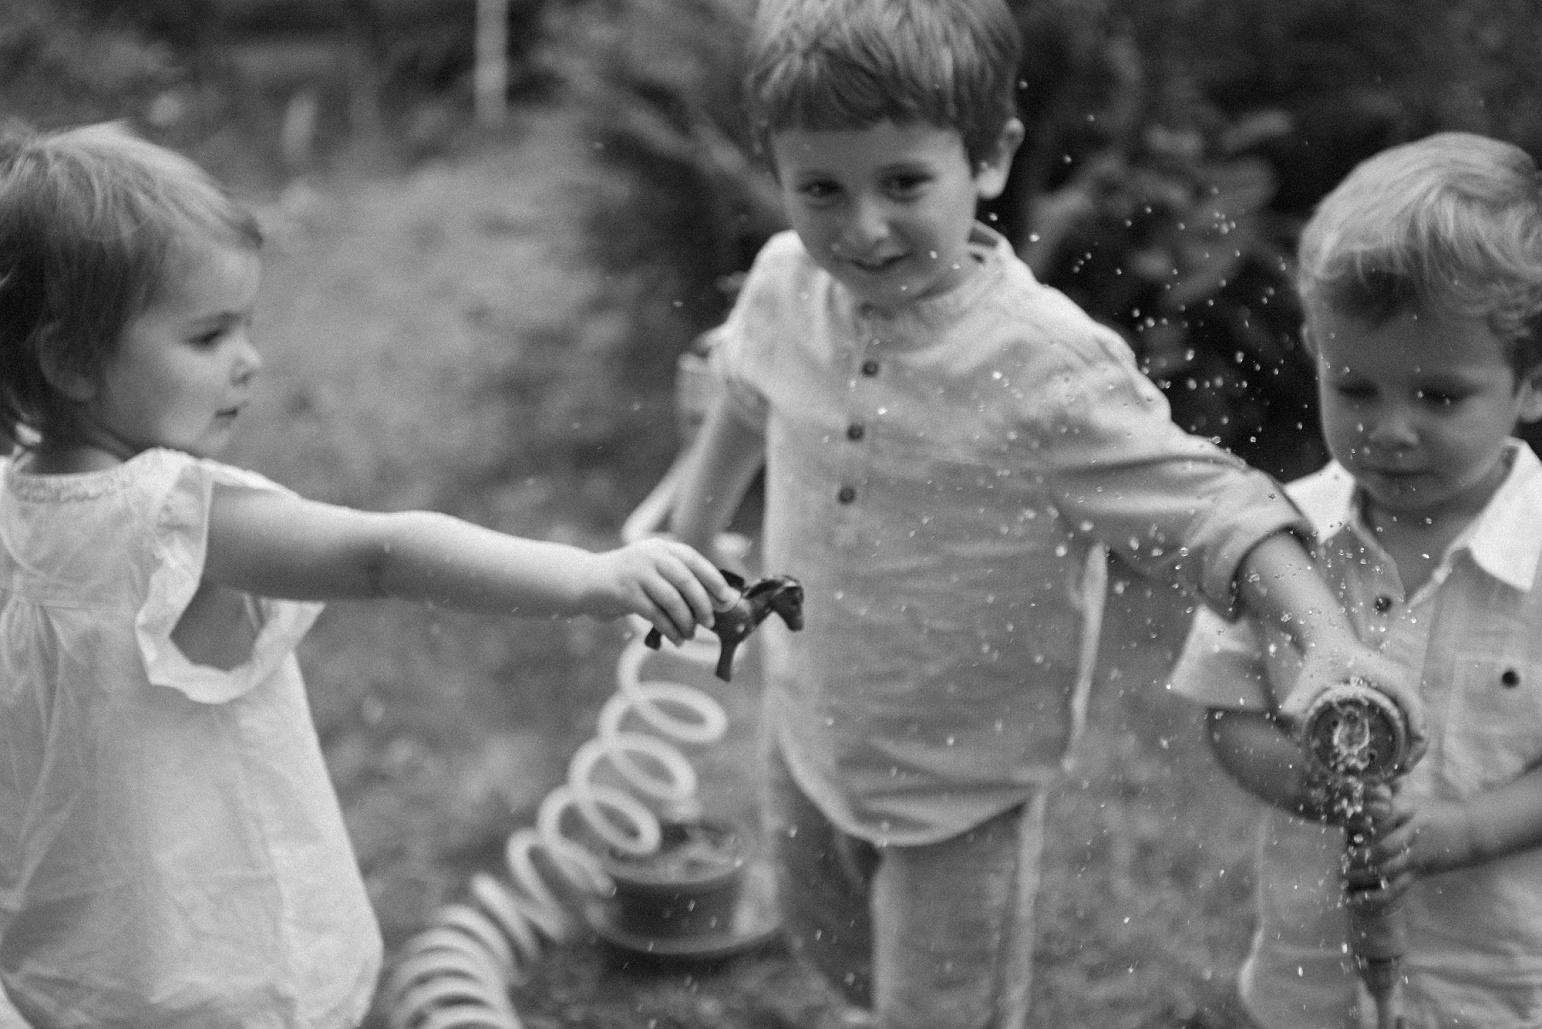 katerynaphotos-mariage-photographe-paysdelaloire-lemans-sarthe-sud_0679.jpg